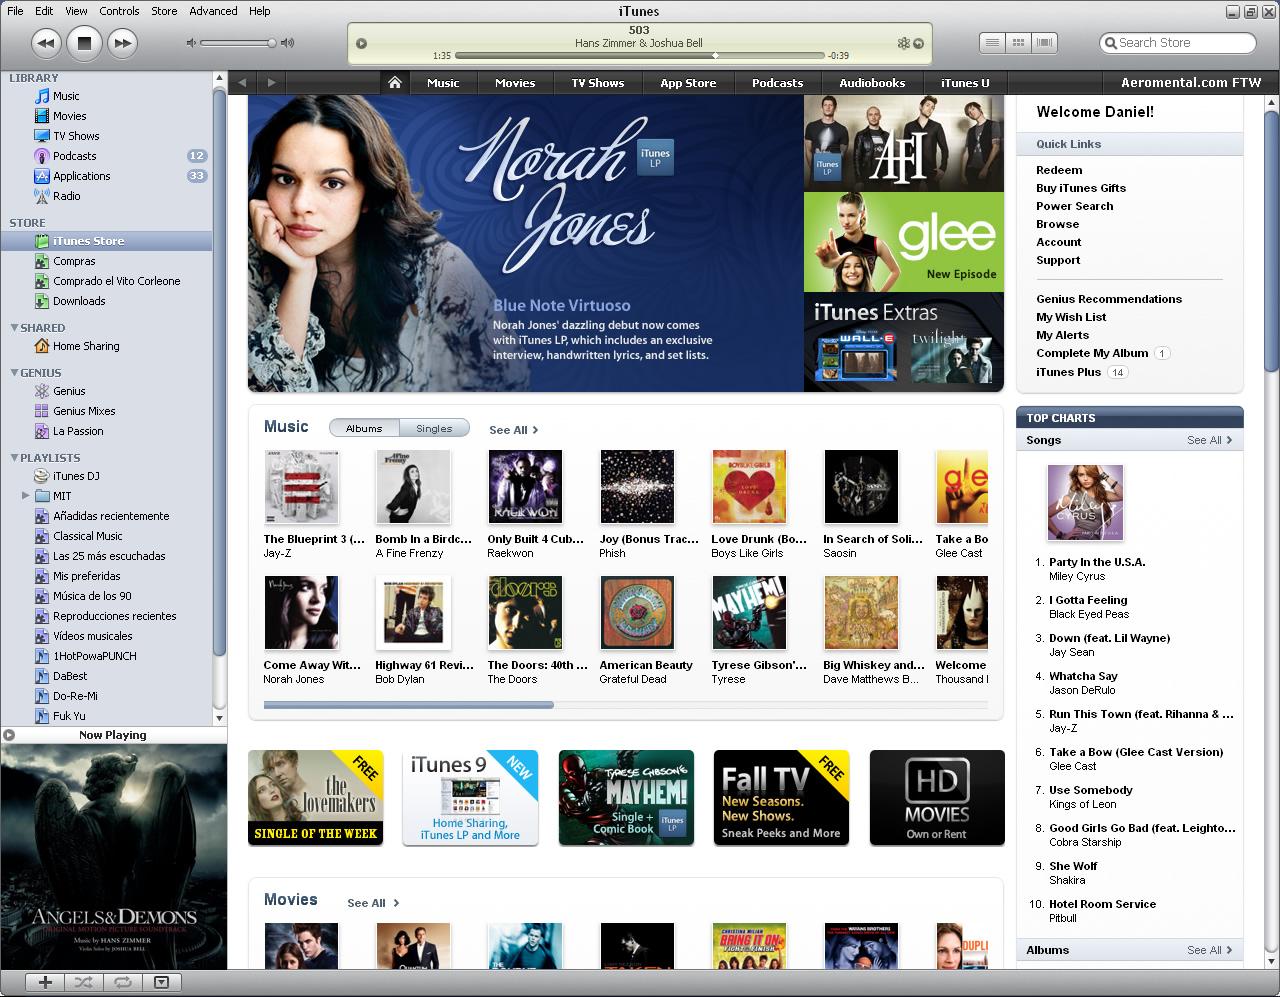 iTunes Store iTunes 9